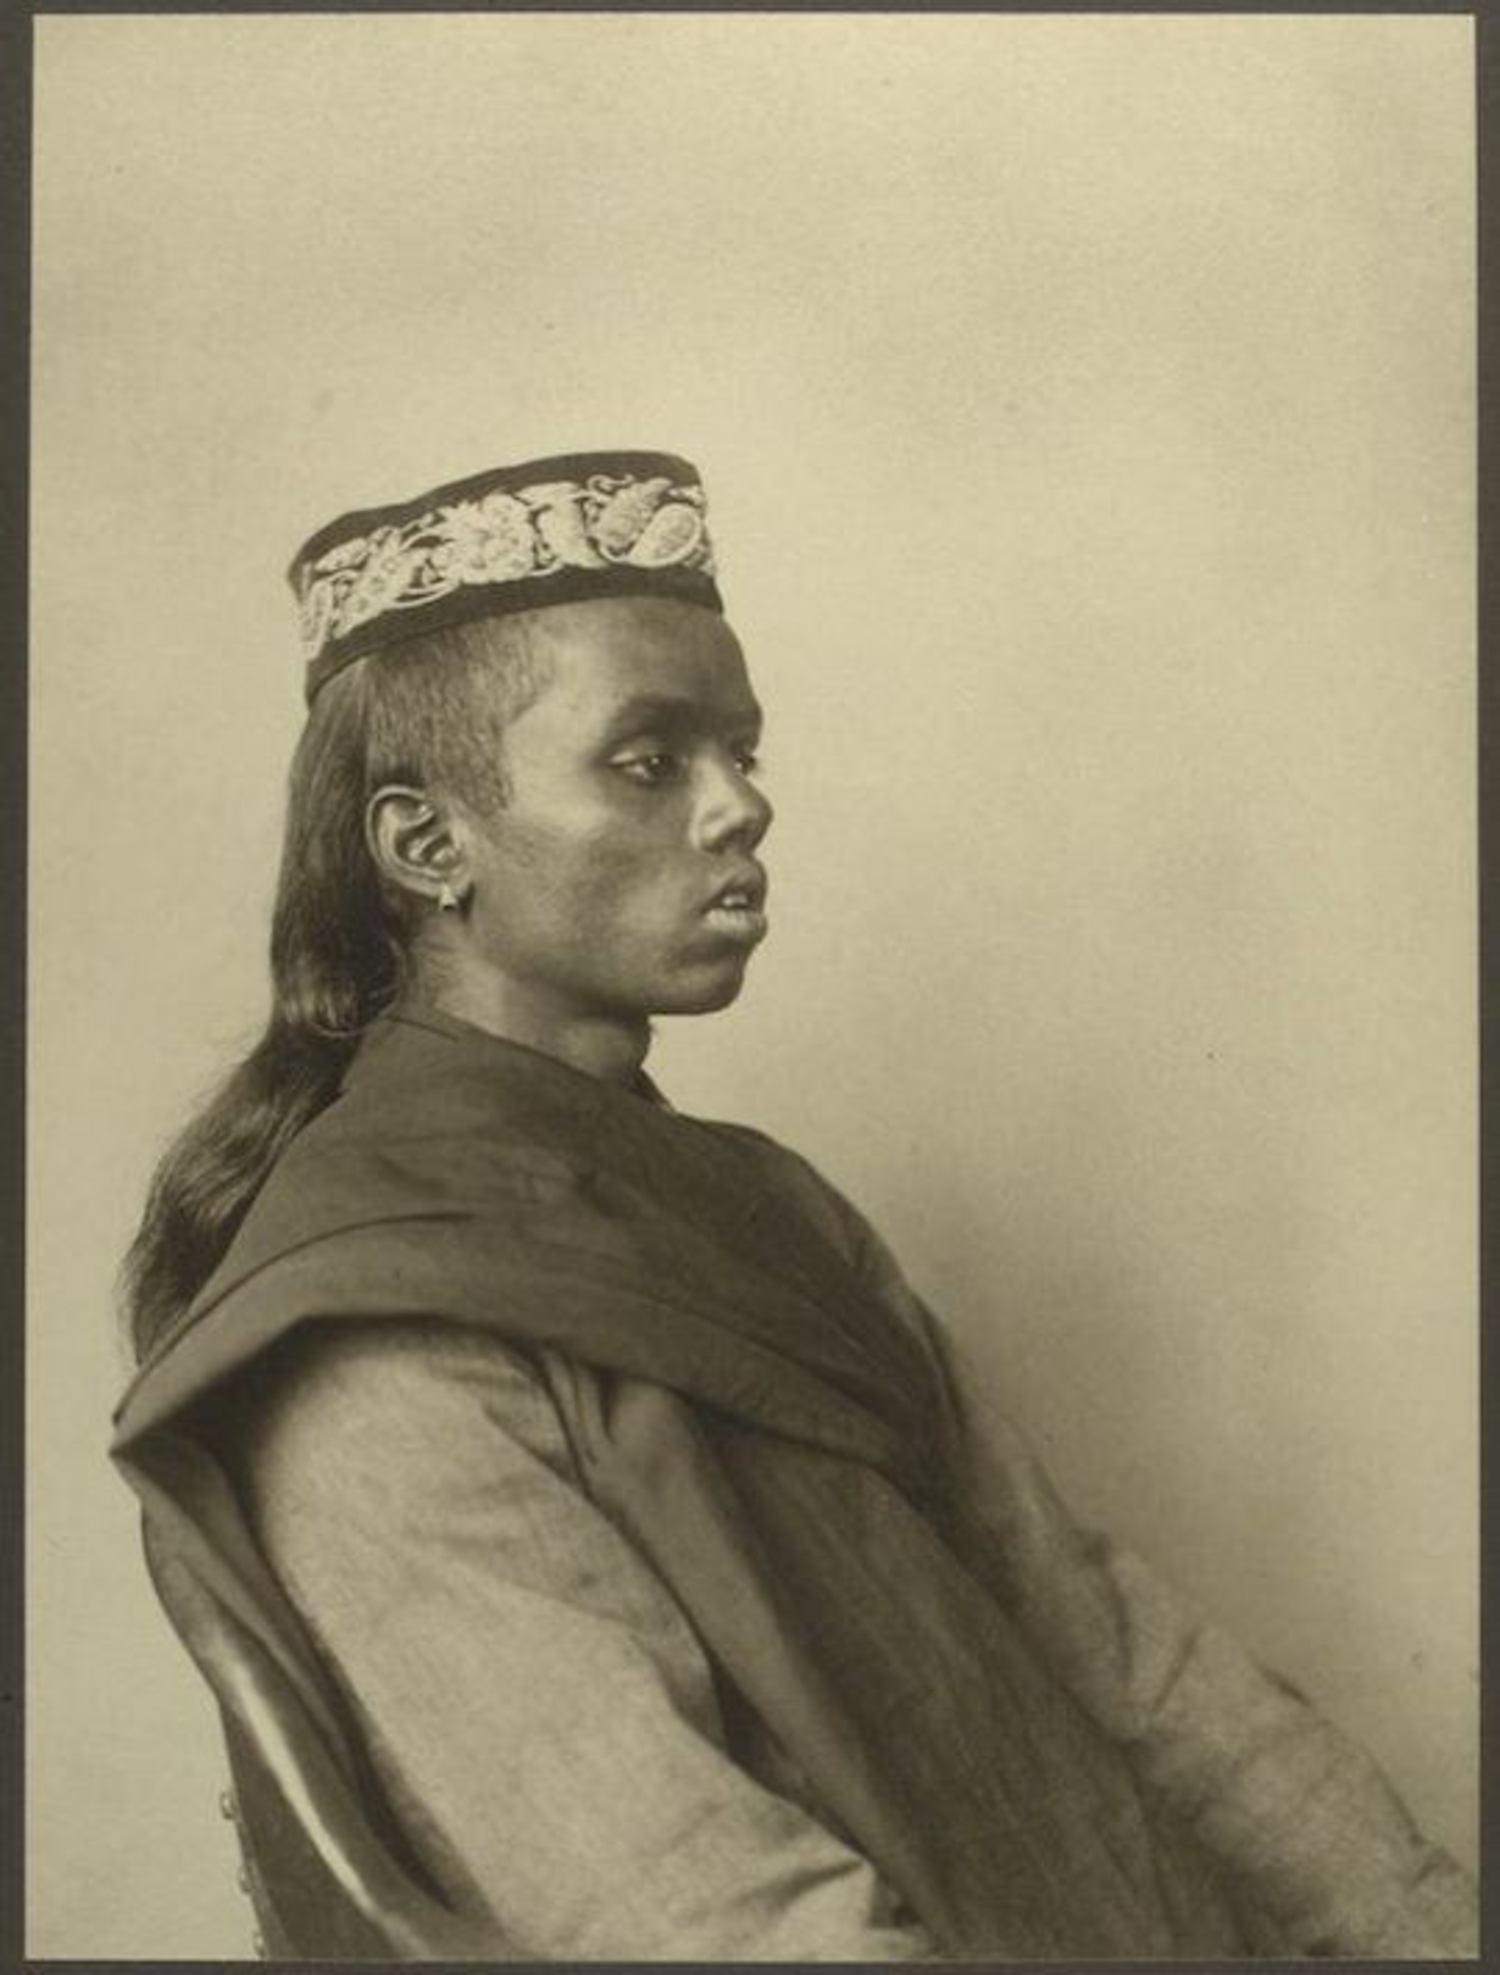 A Hindu boy. Portraits for Ellis Island.